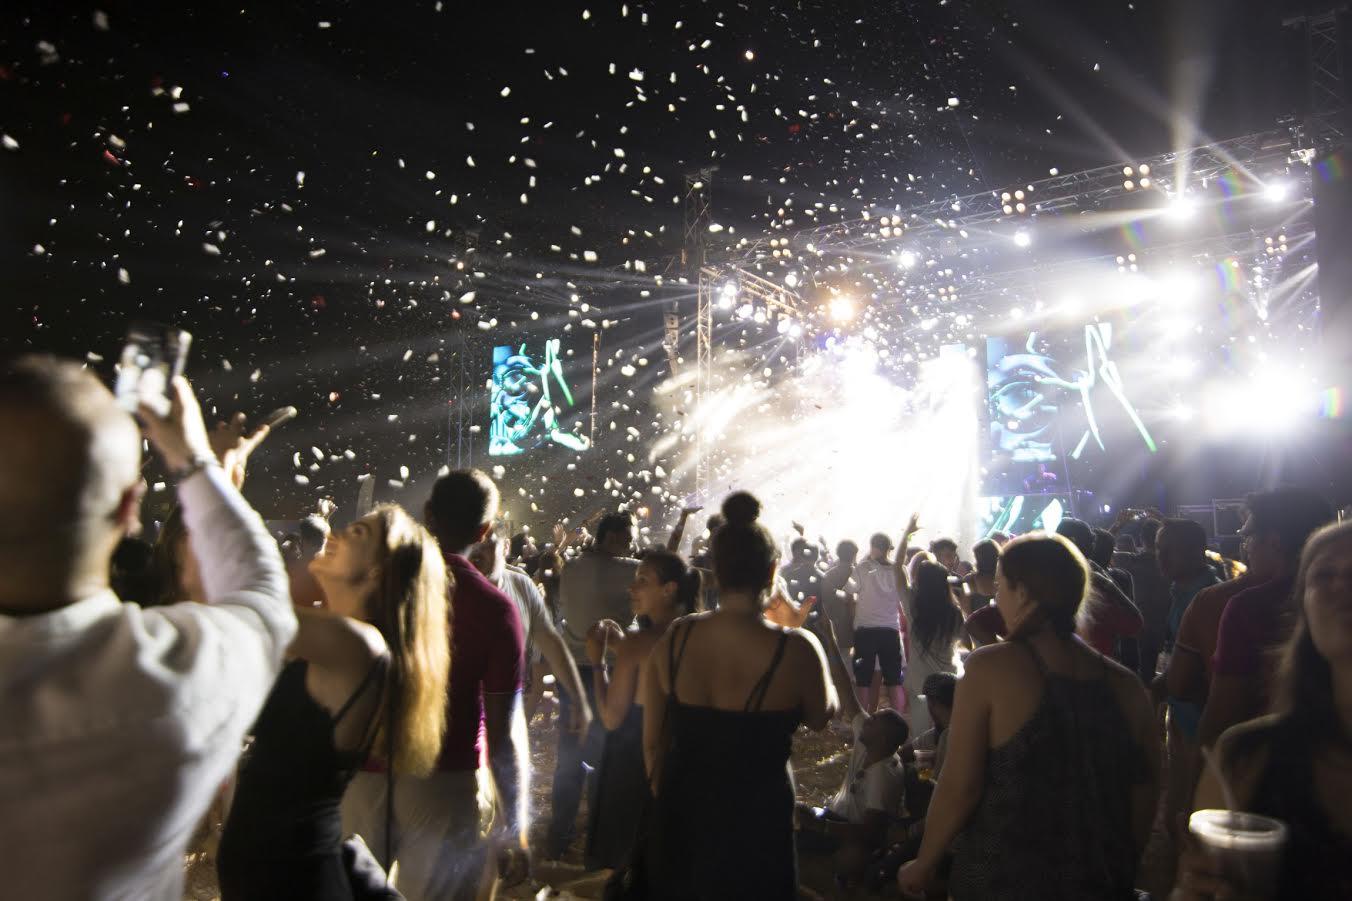 صورة جزيرة المرجان في رأس الخيمة تستضيف مهرجان ديستنيشن دون